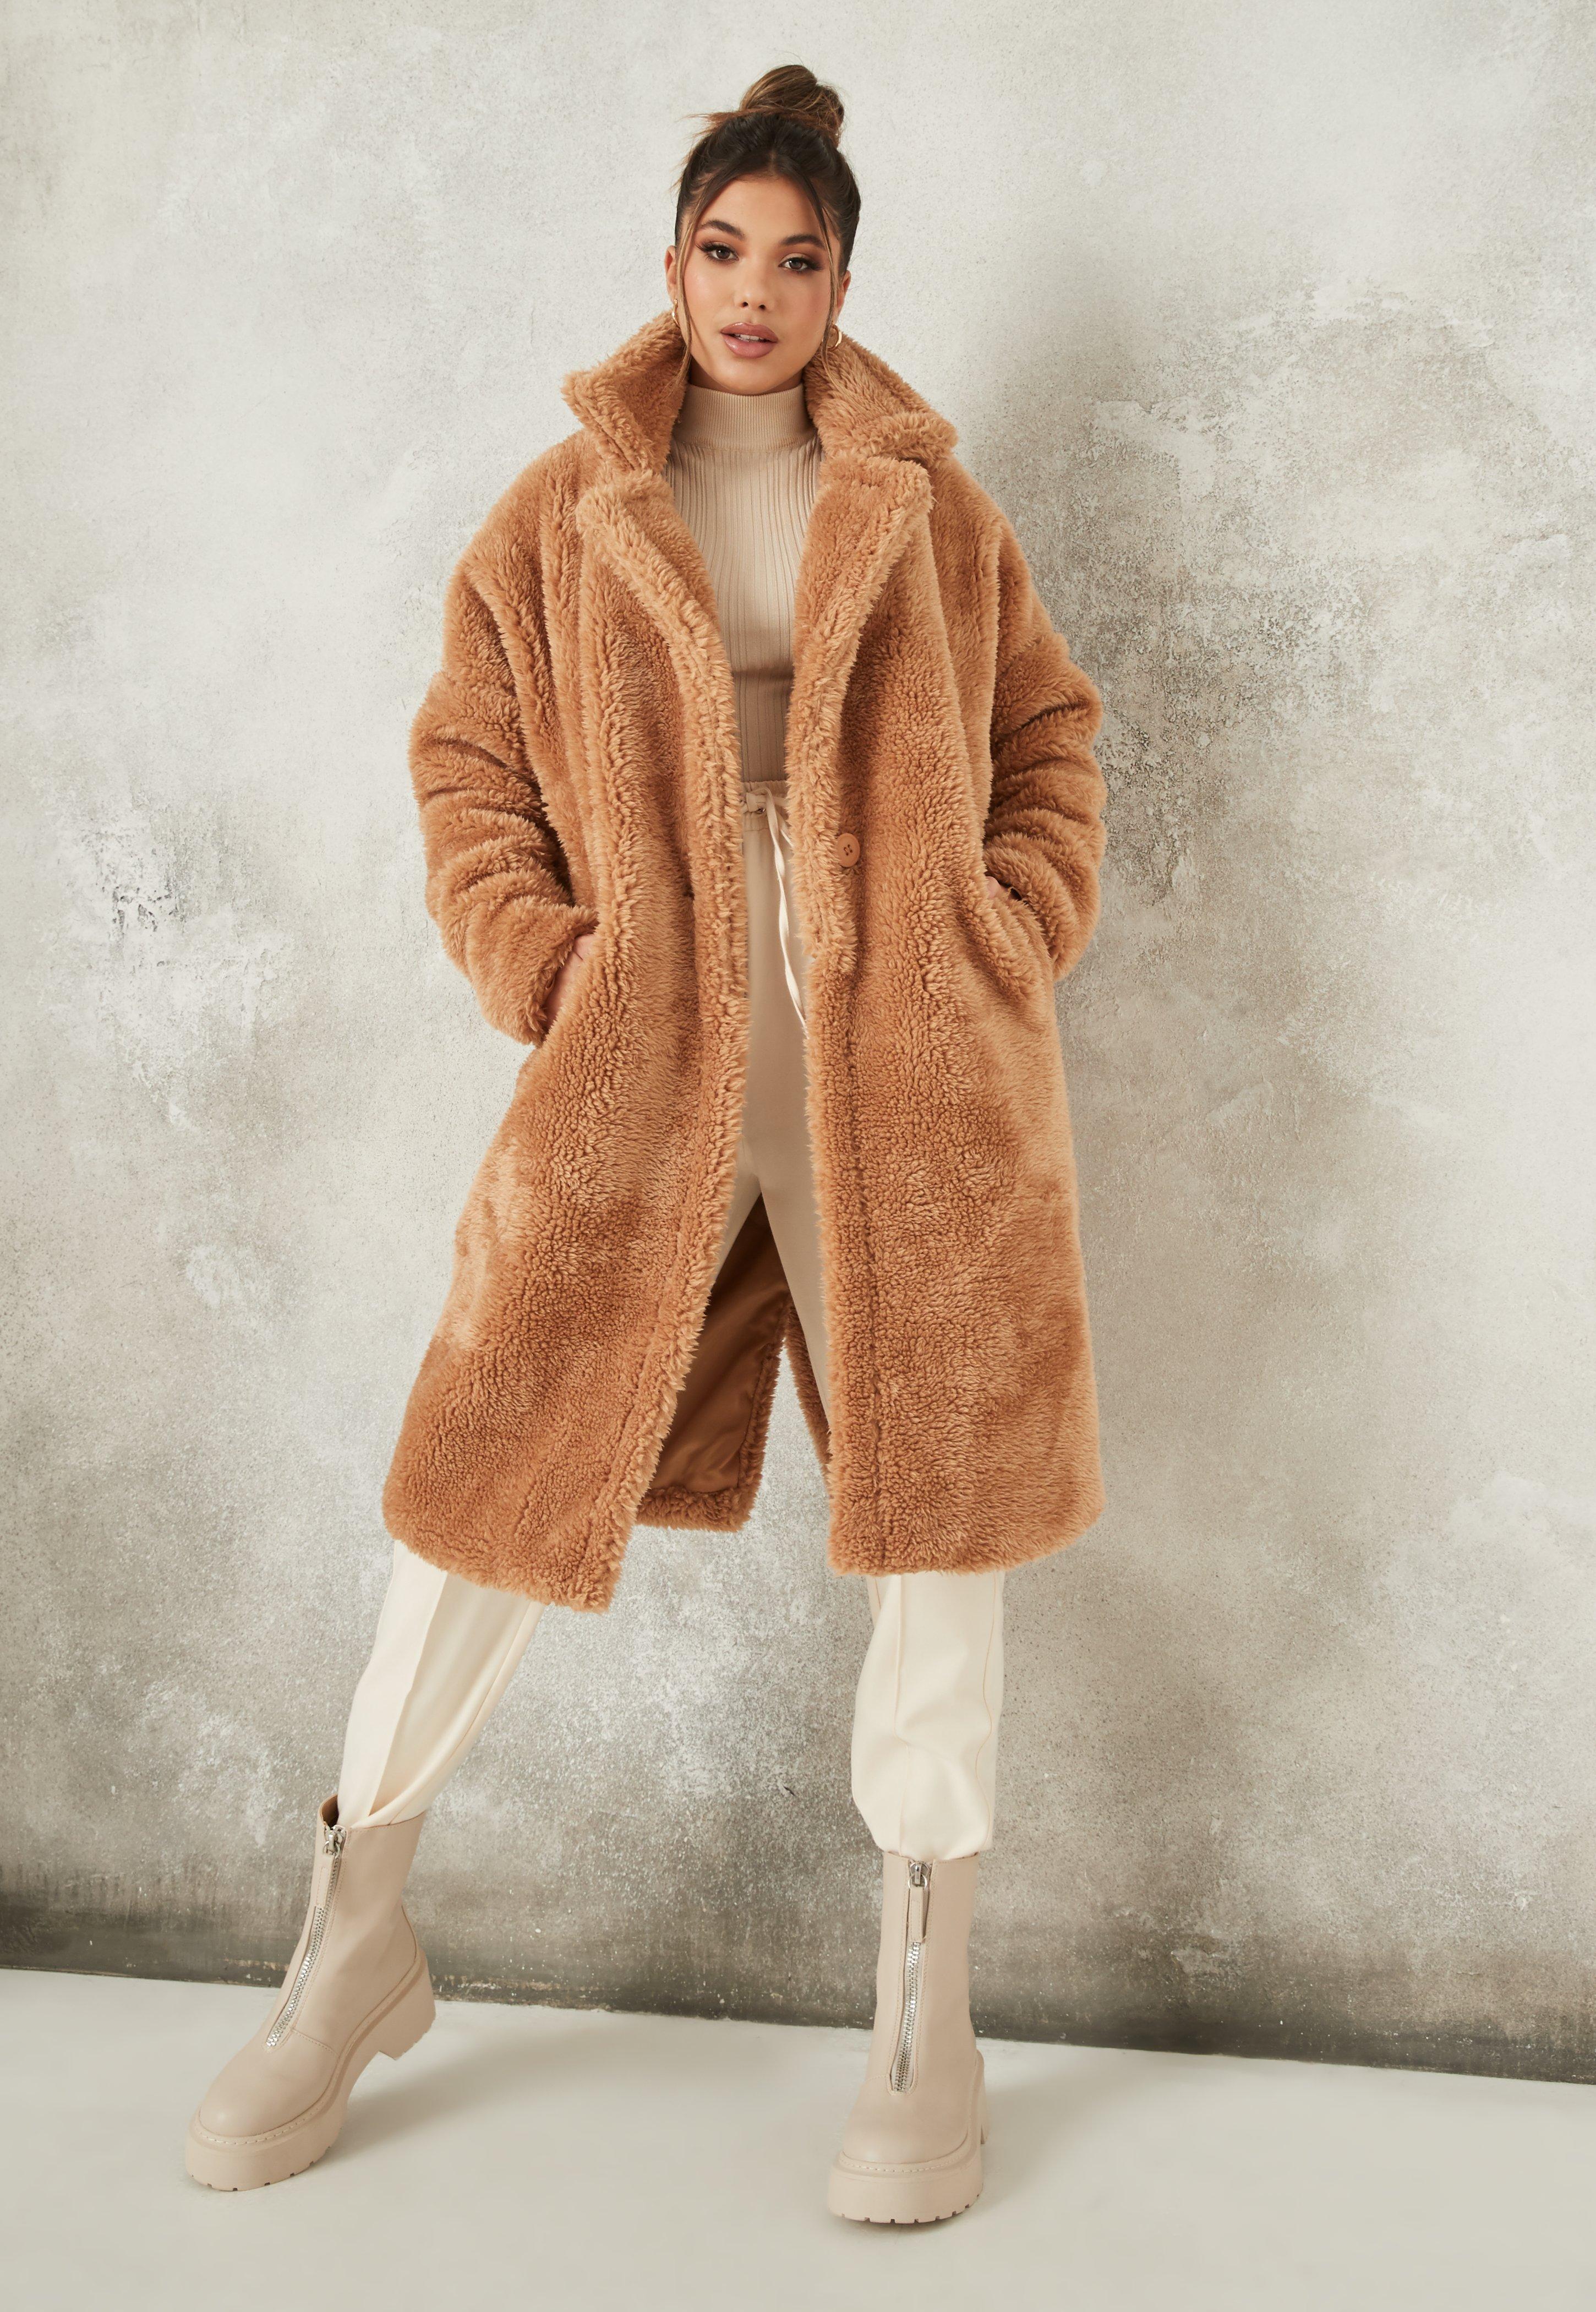 farblich passend Super Qualität erstklassige Qualität Oversize Teddyfell-Mantel mit Taschen und Gürtel in Hellbraun